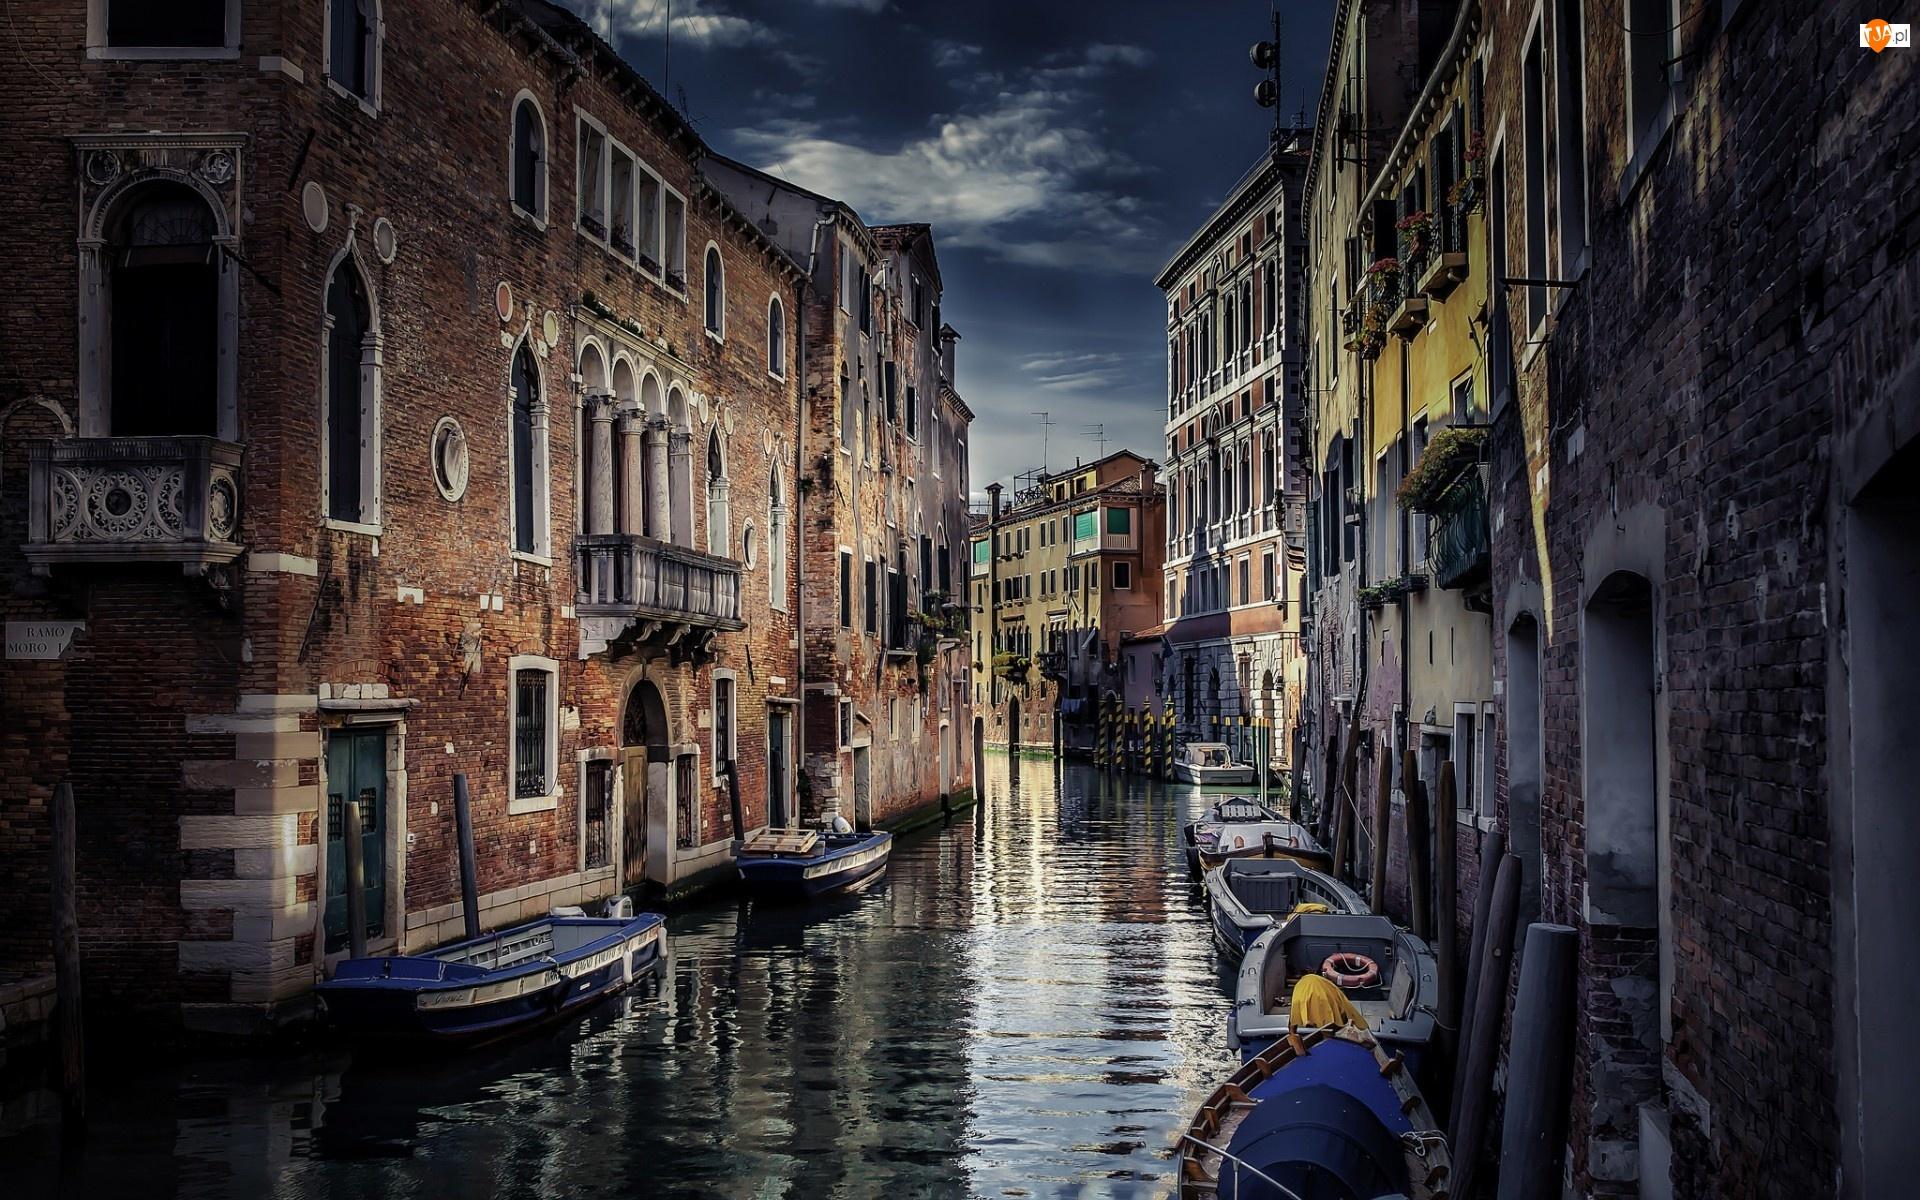 Domy, Wenecja, Kanał, Włochy, Łodzie, Zmierzch